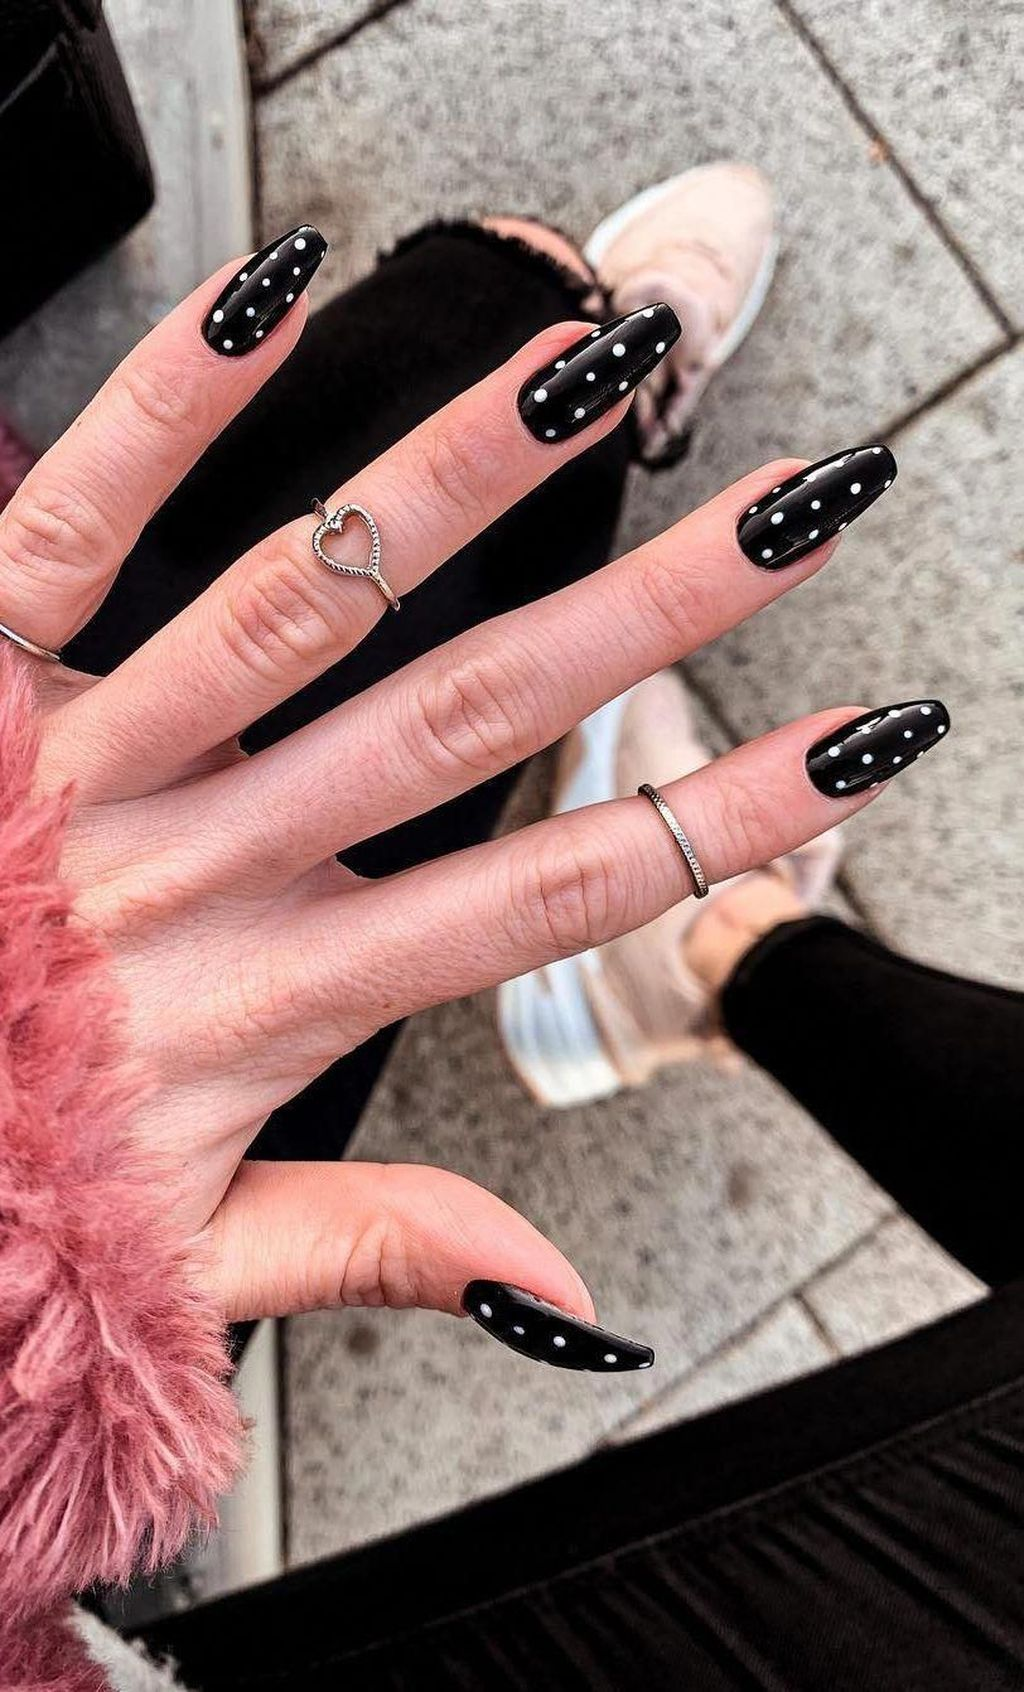 Black polka dot nails